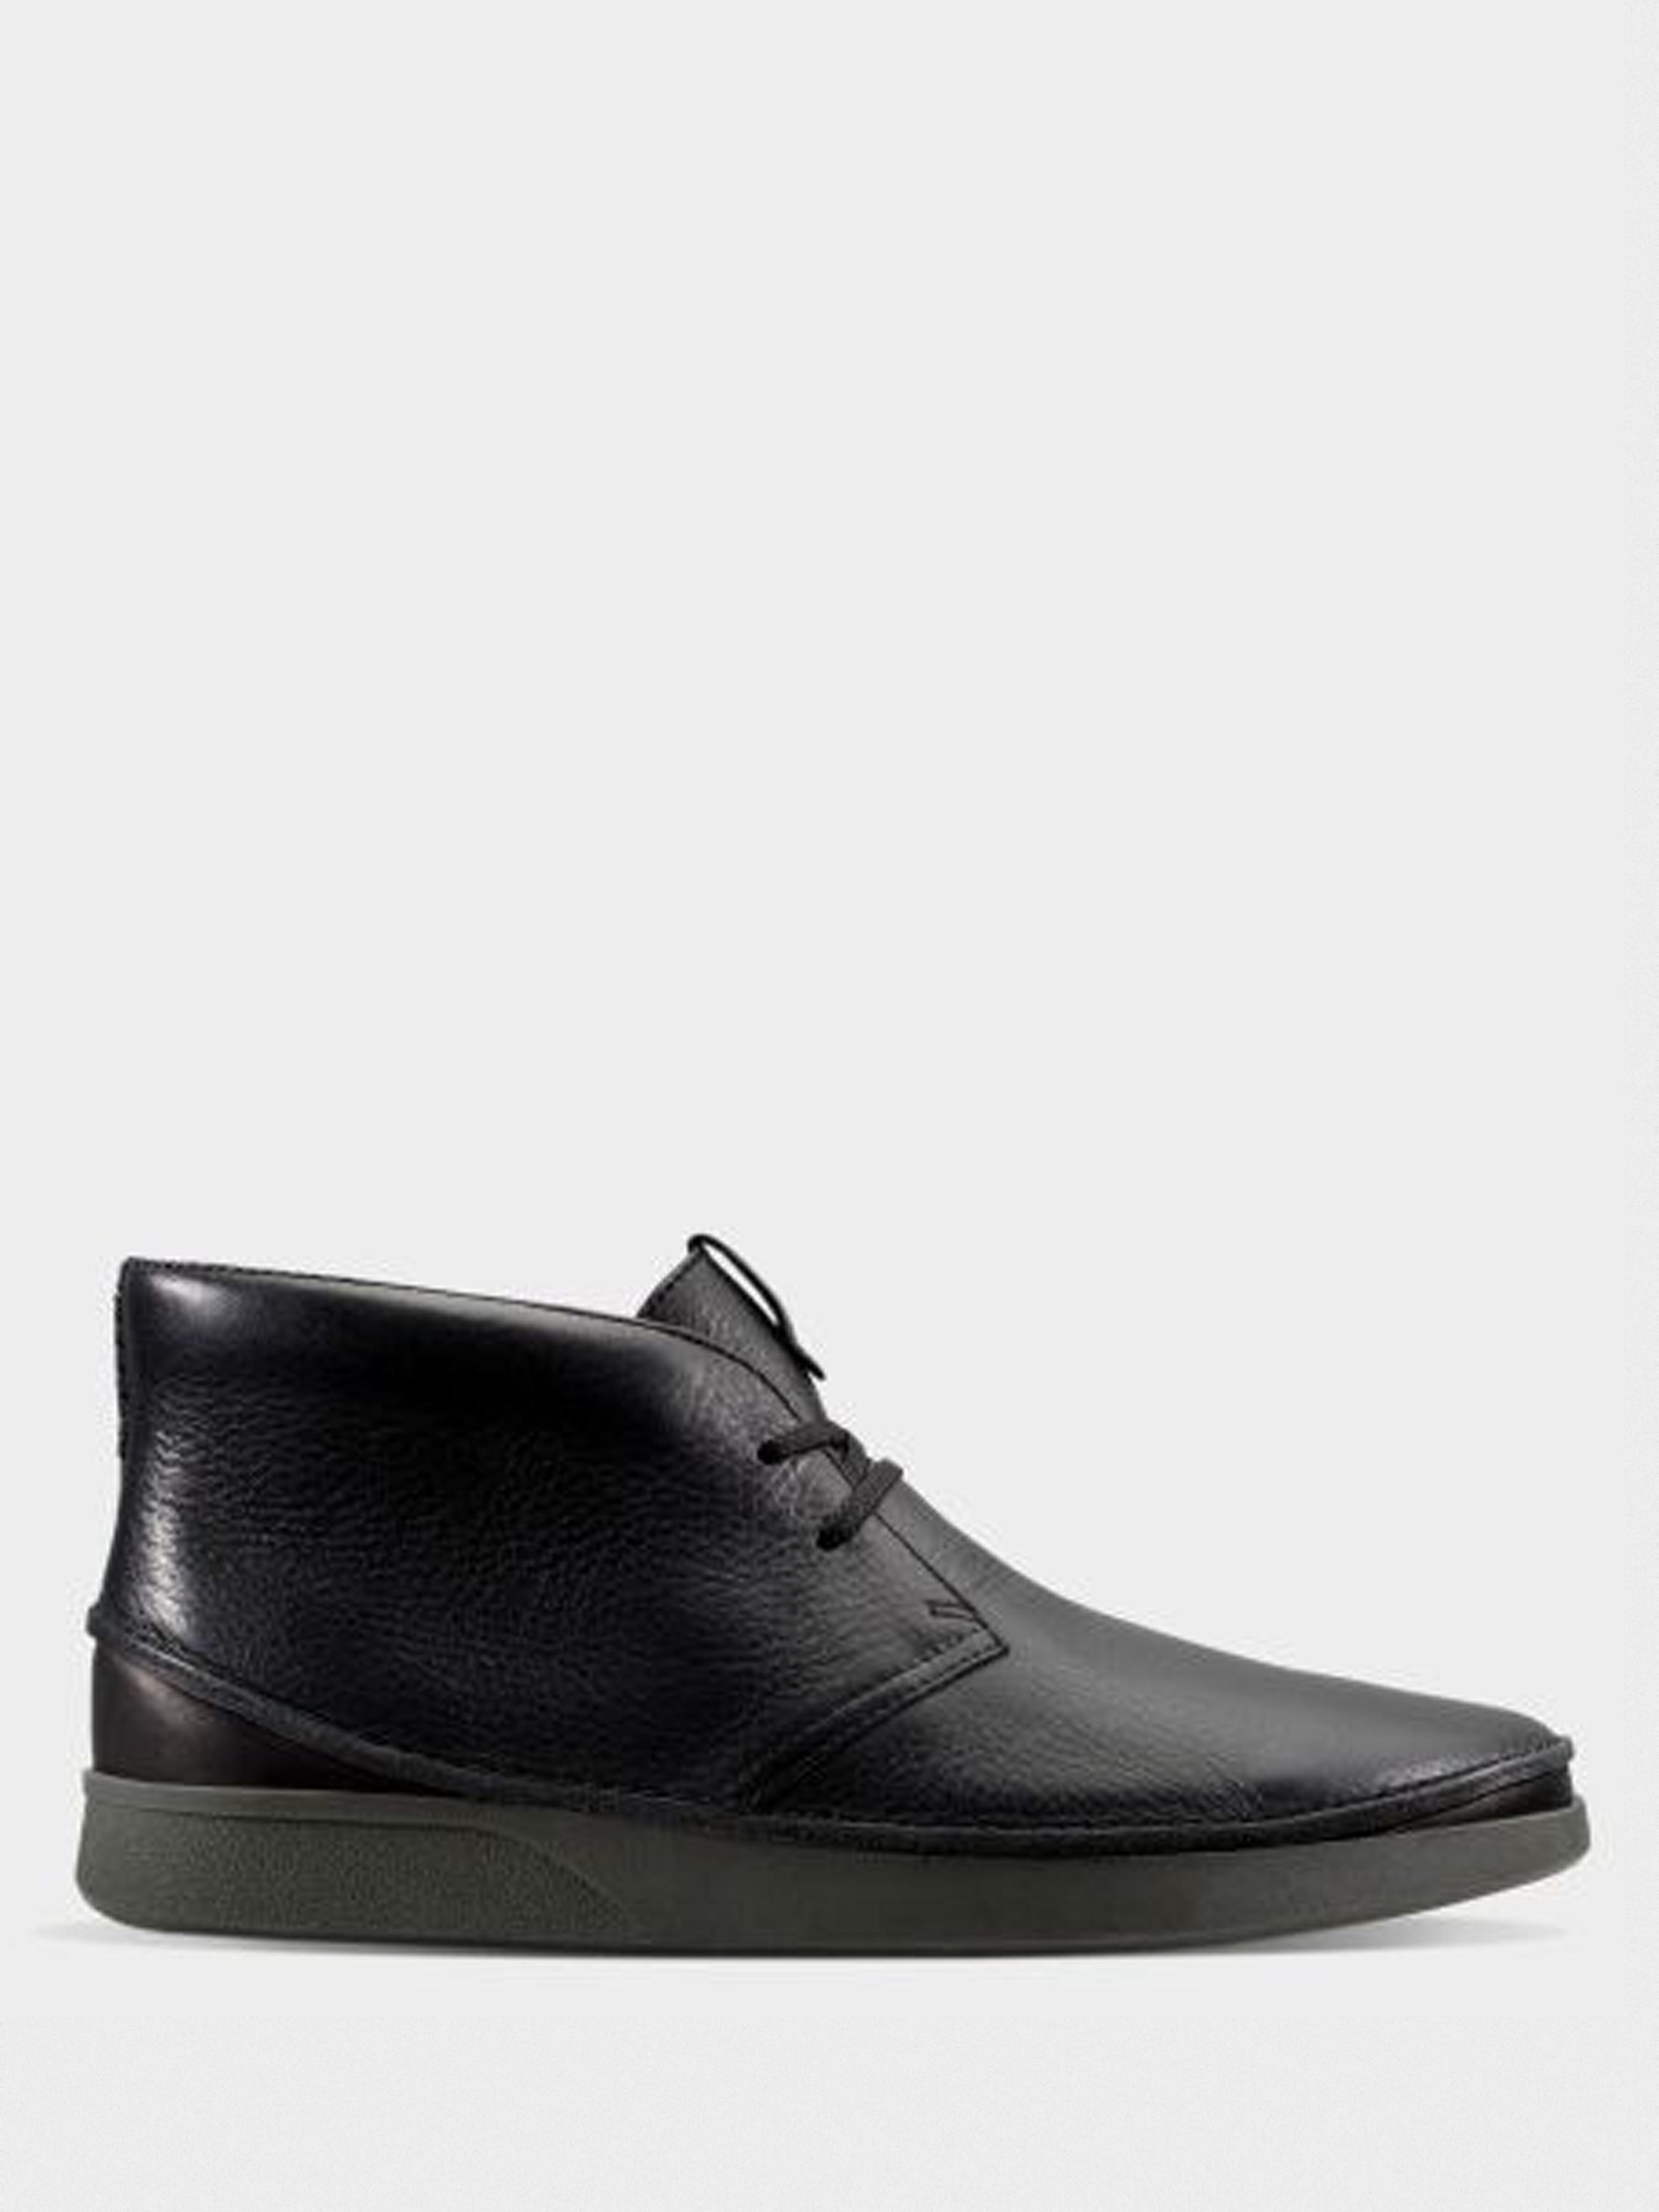 Купить Ботинки мужские Clarks Oakland Rise OM3036, Черный